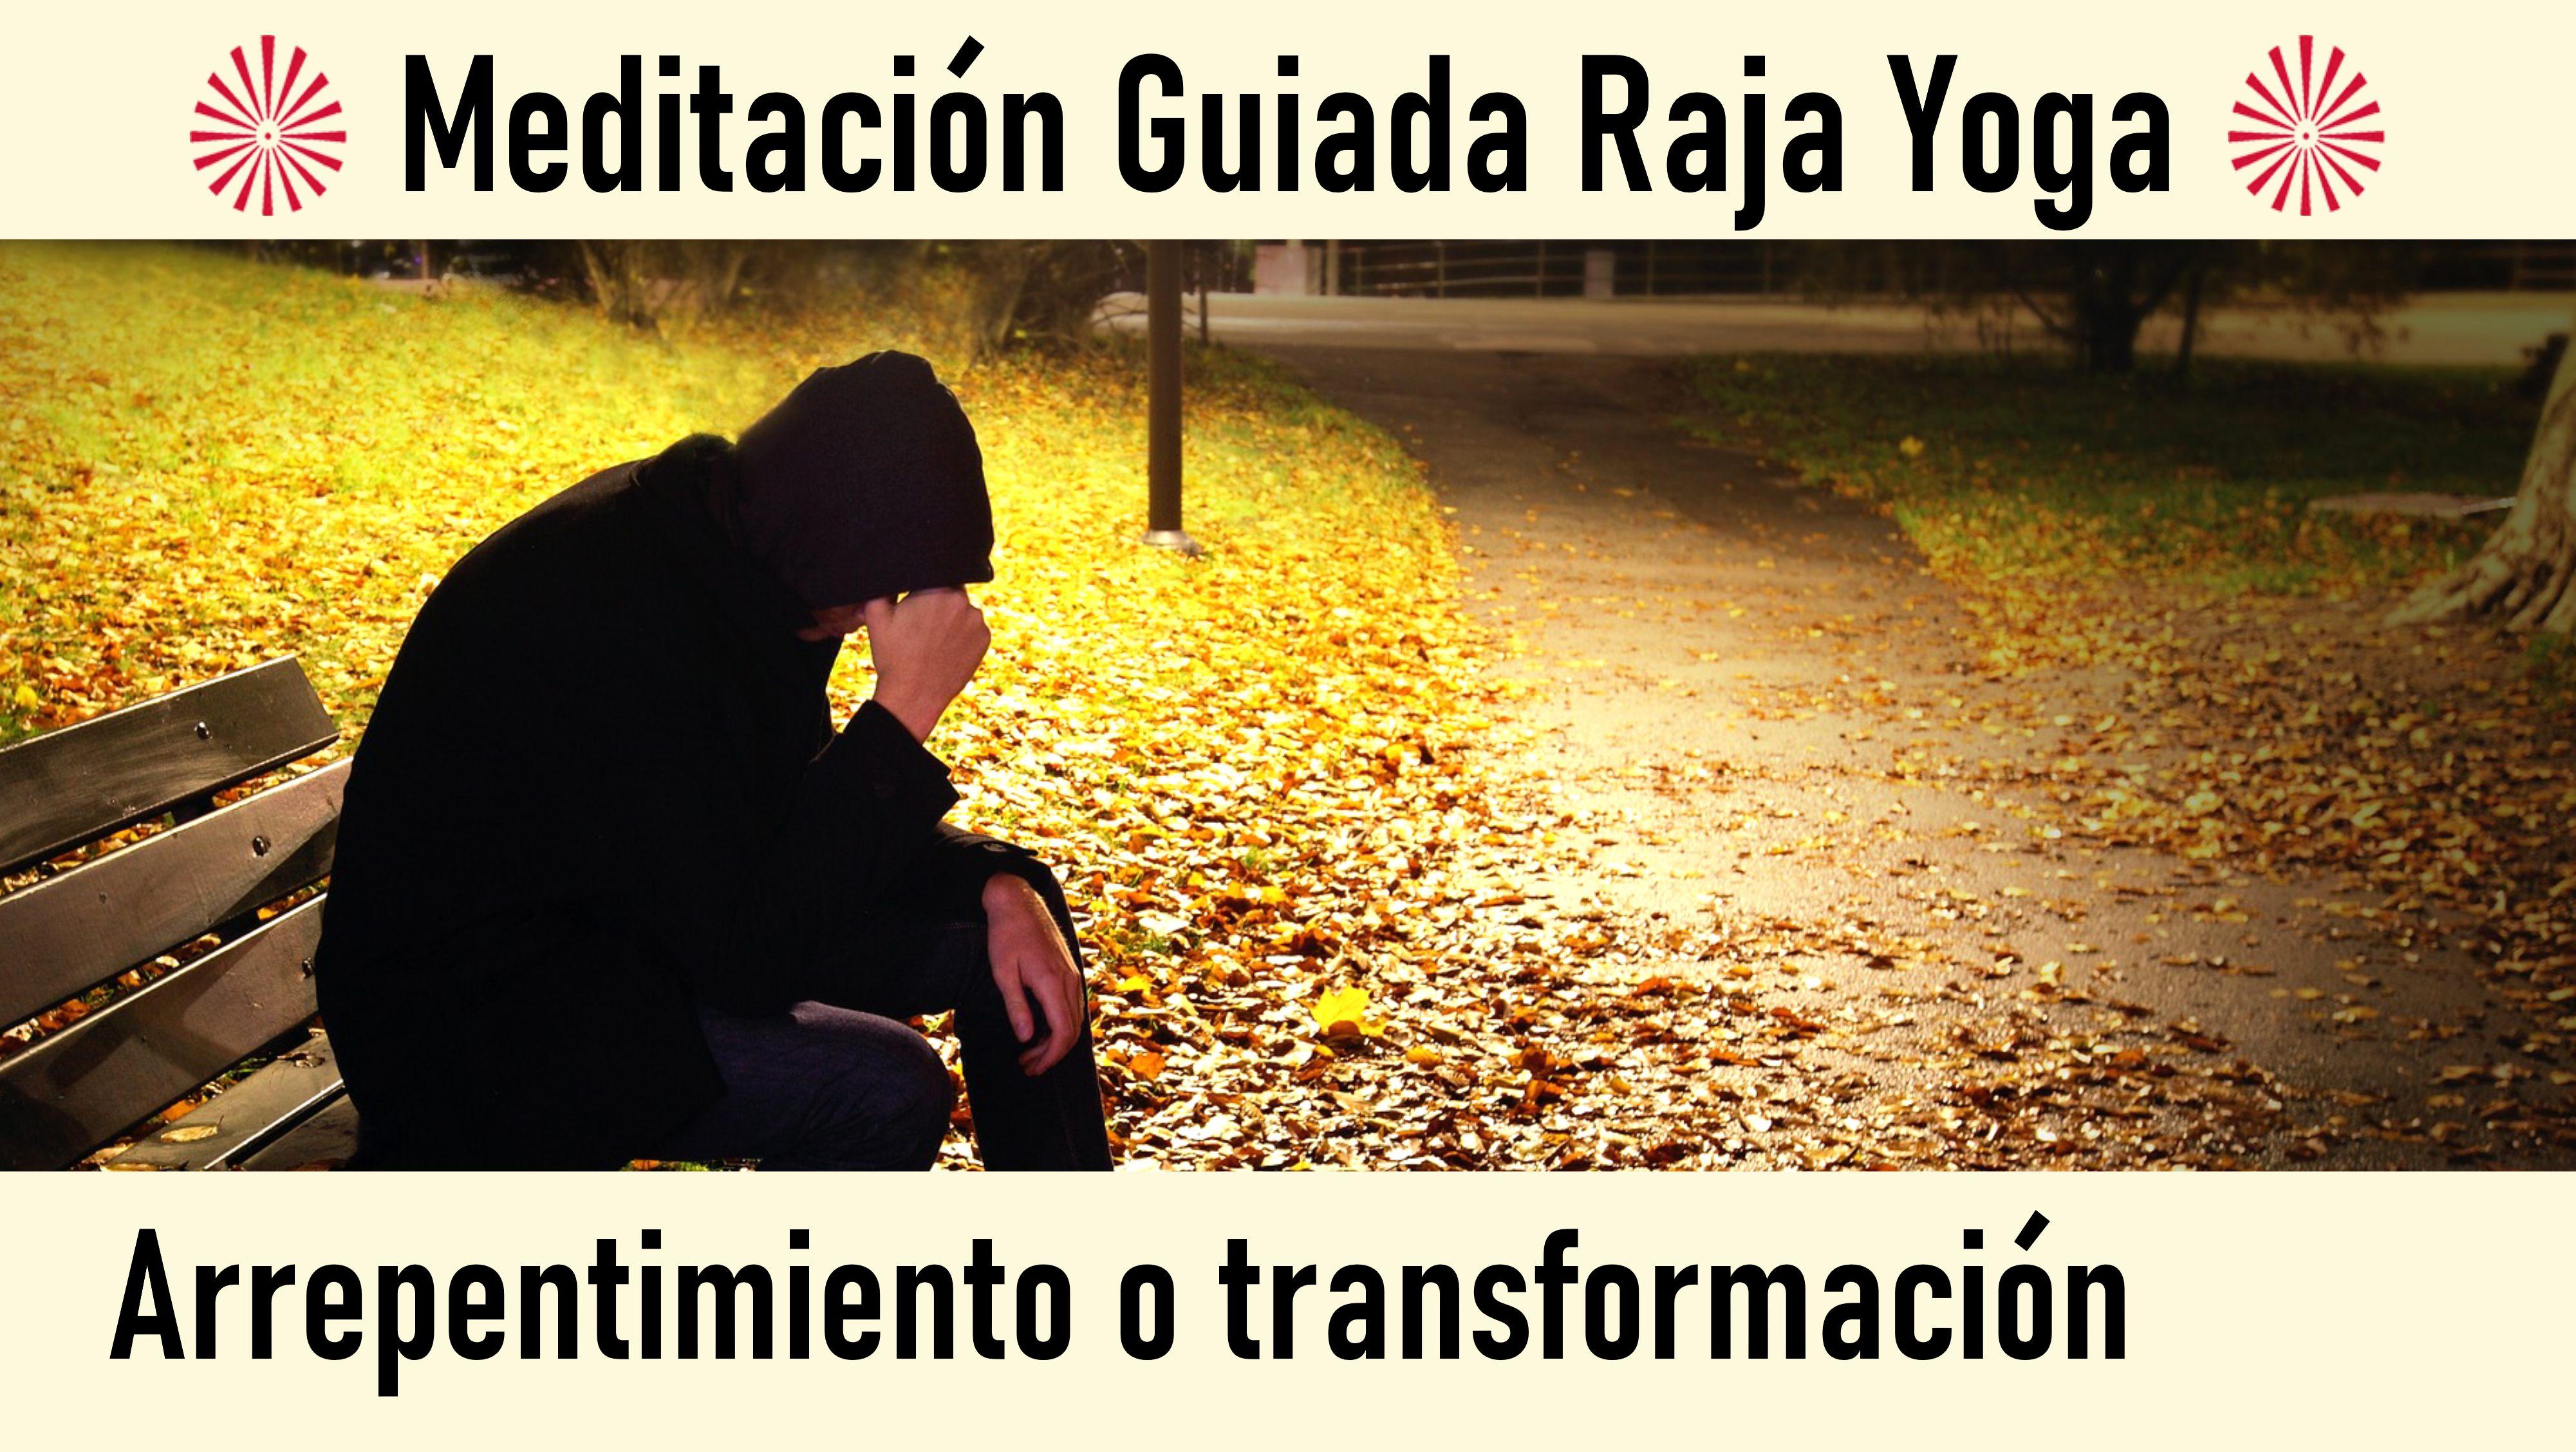 29 Julio 2020 Meditación guiada: Arrepentimiento o transformación